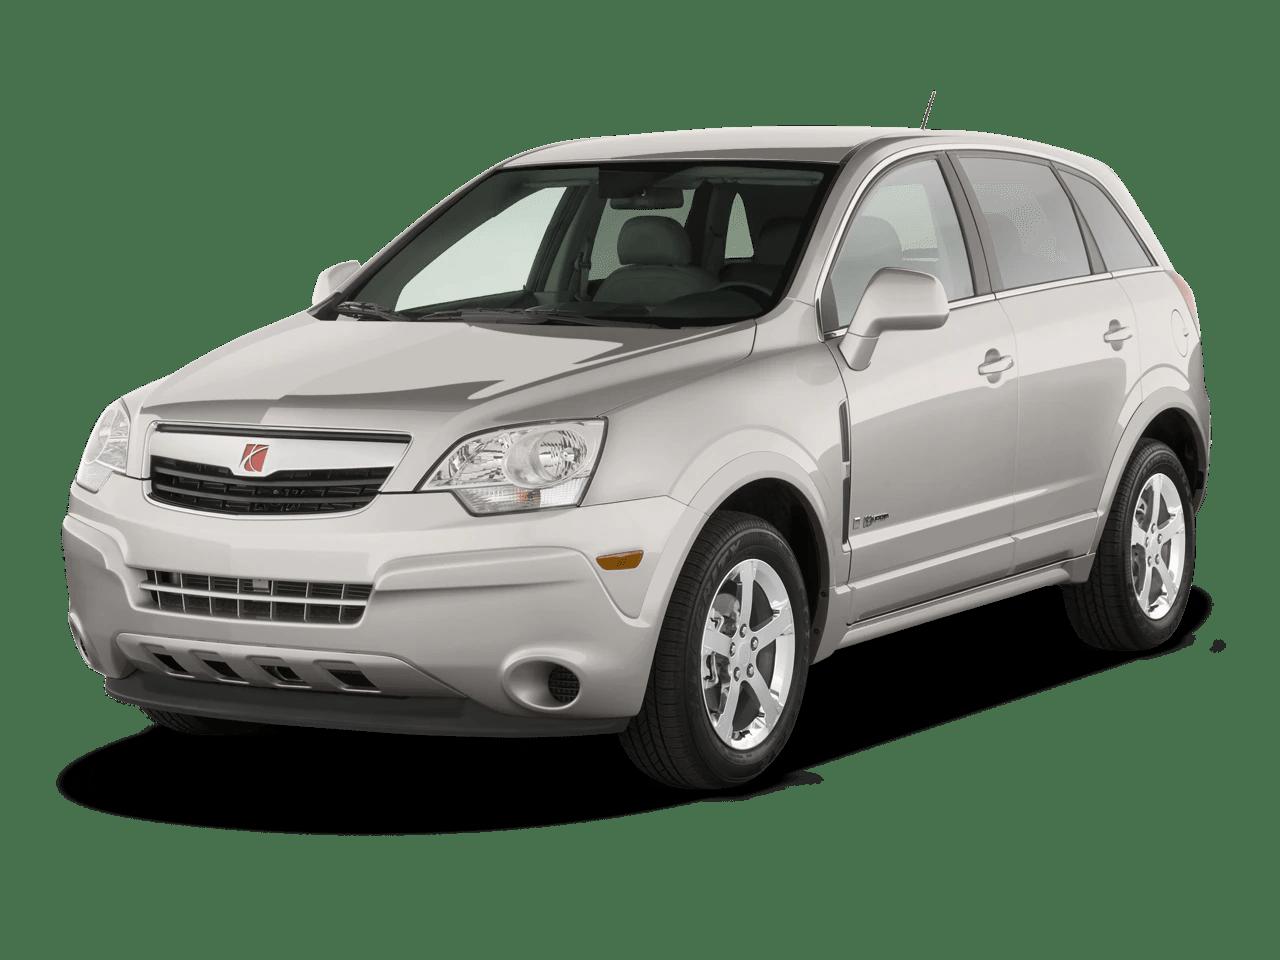 2003 Dodge Ram Rear Door Wiring